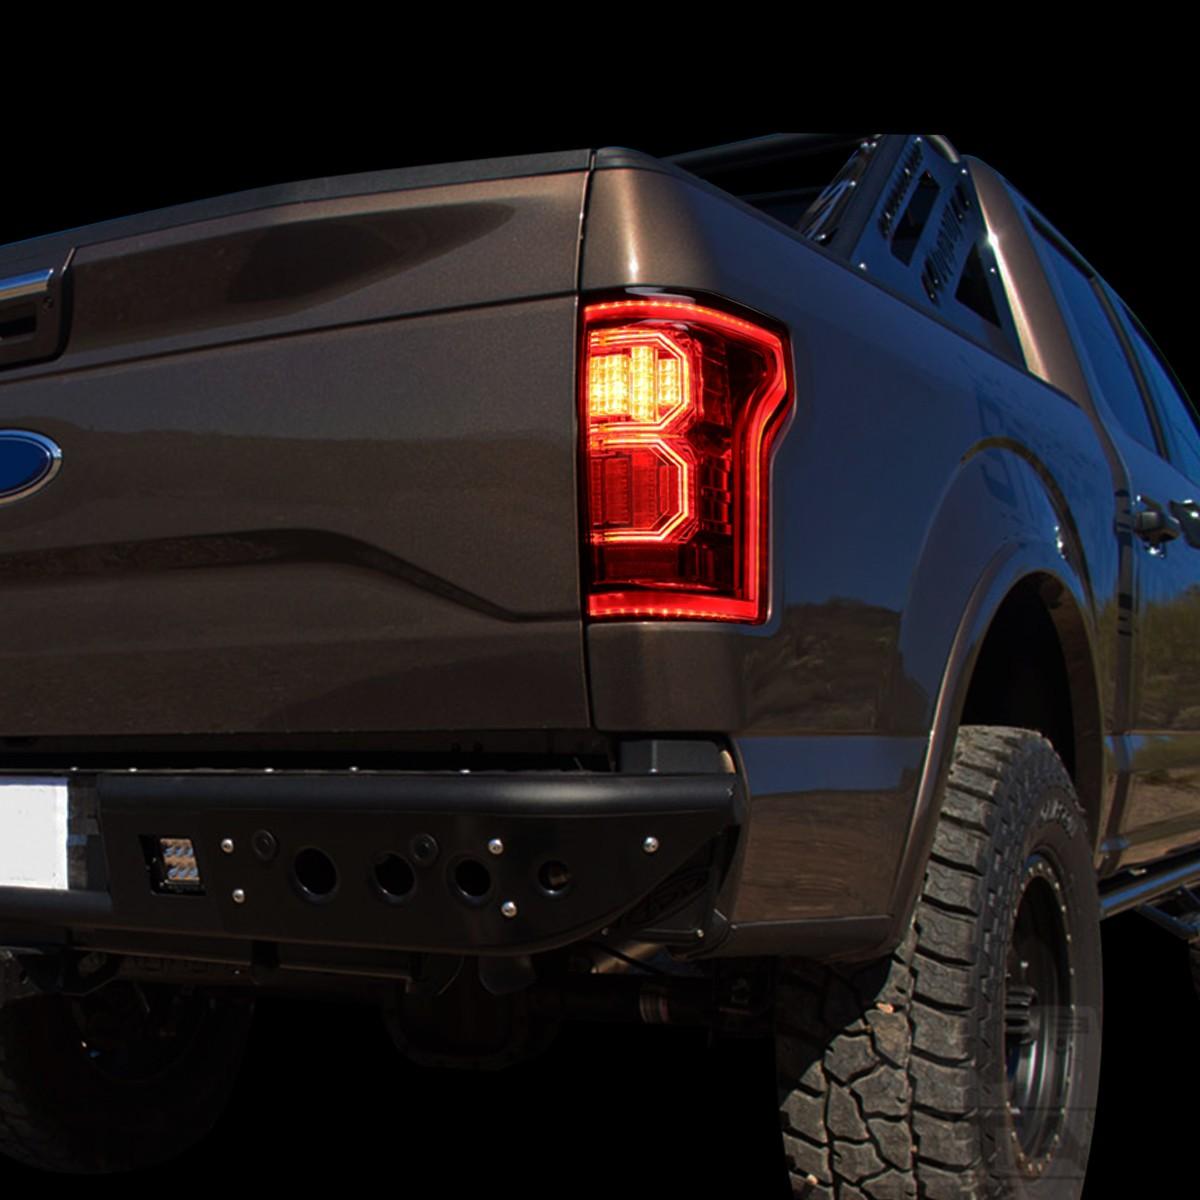 For 15 17 Ford F 150 3D LED Light Bar Tail Lights Lamp